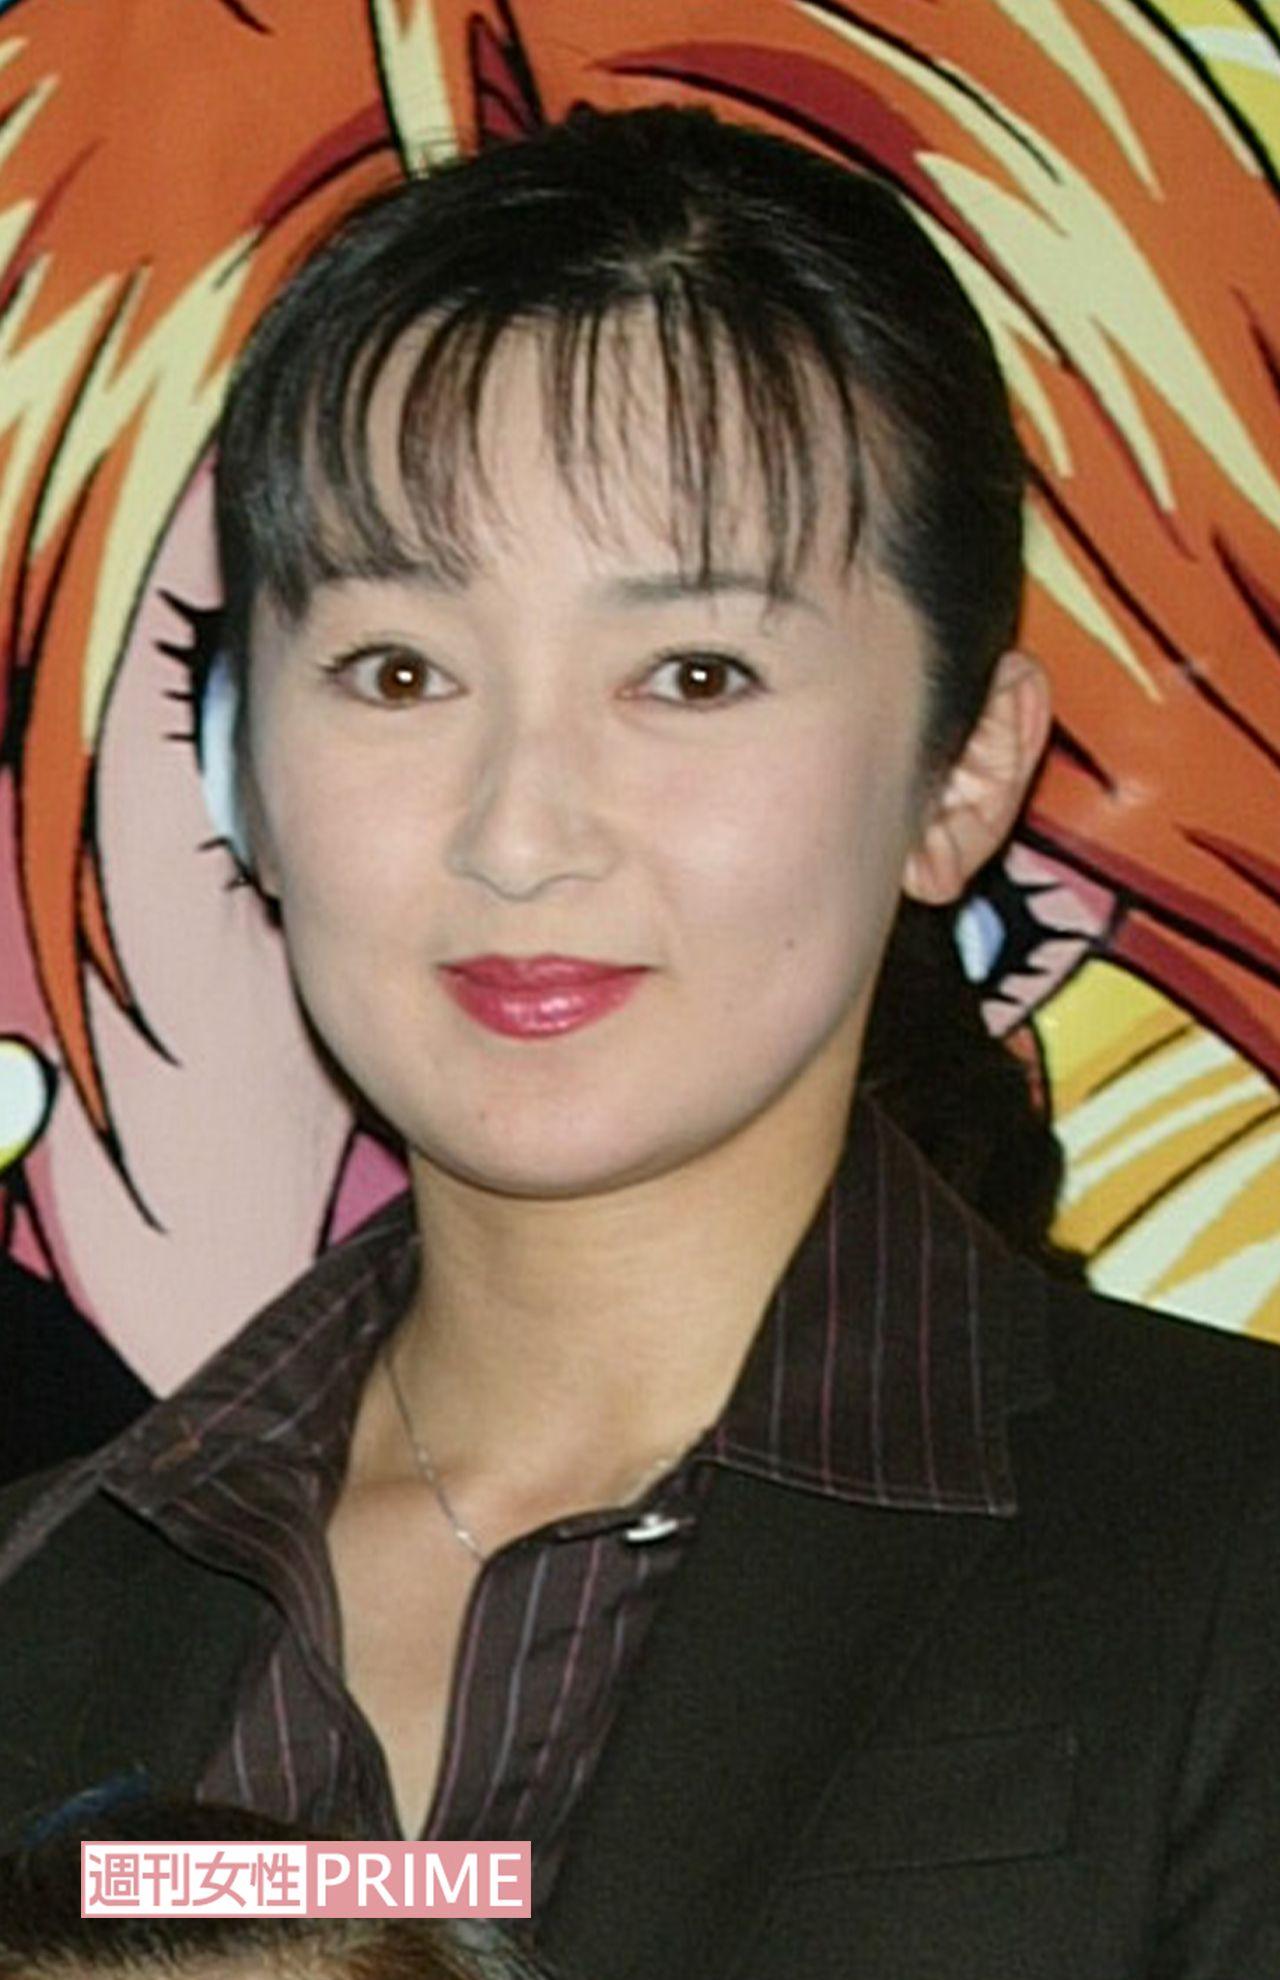 ツイッター 羽生 理恵 羽生善治の嫁・畠田理恵の現在!子供は3人で娘は慶応大医学部?